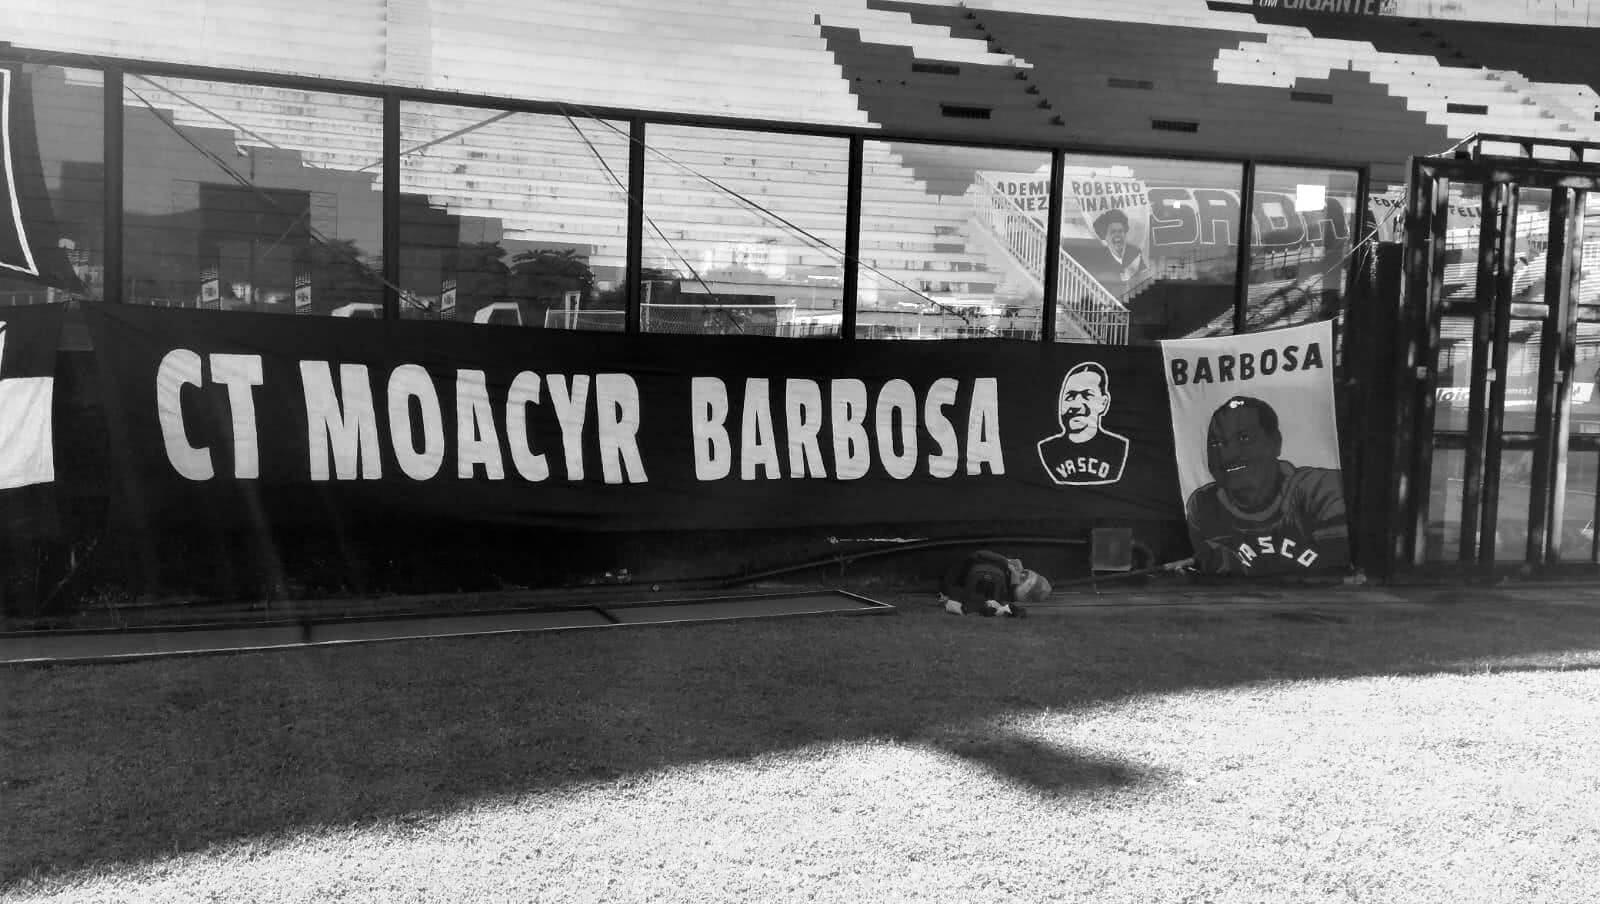 Faixa em São Januário pedindo que CT passe a se chamar Moacyr Barbosa